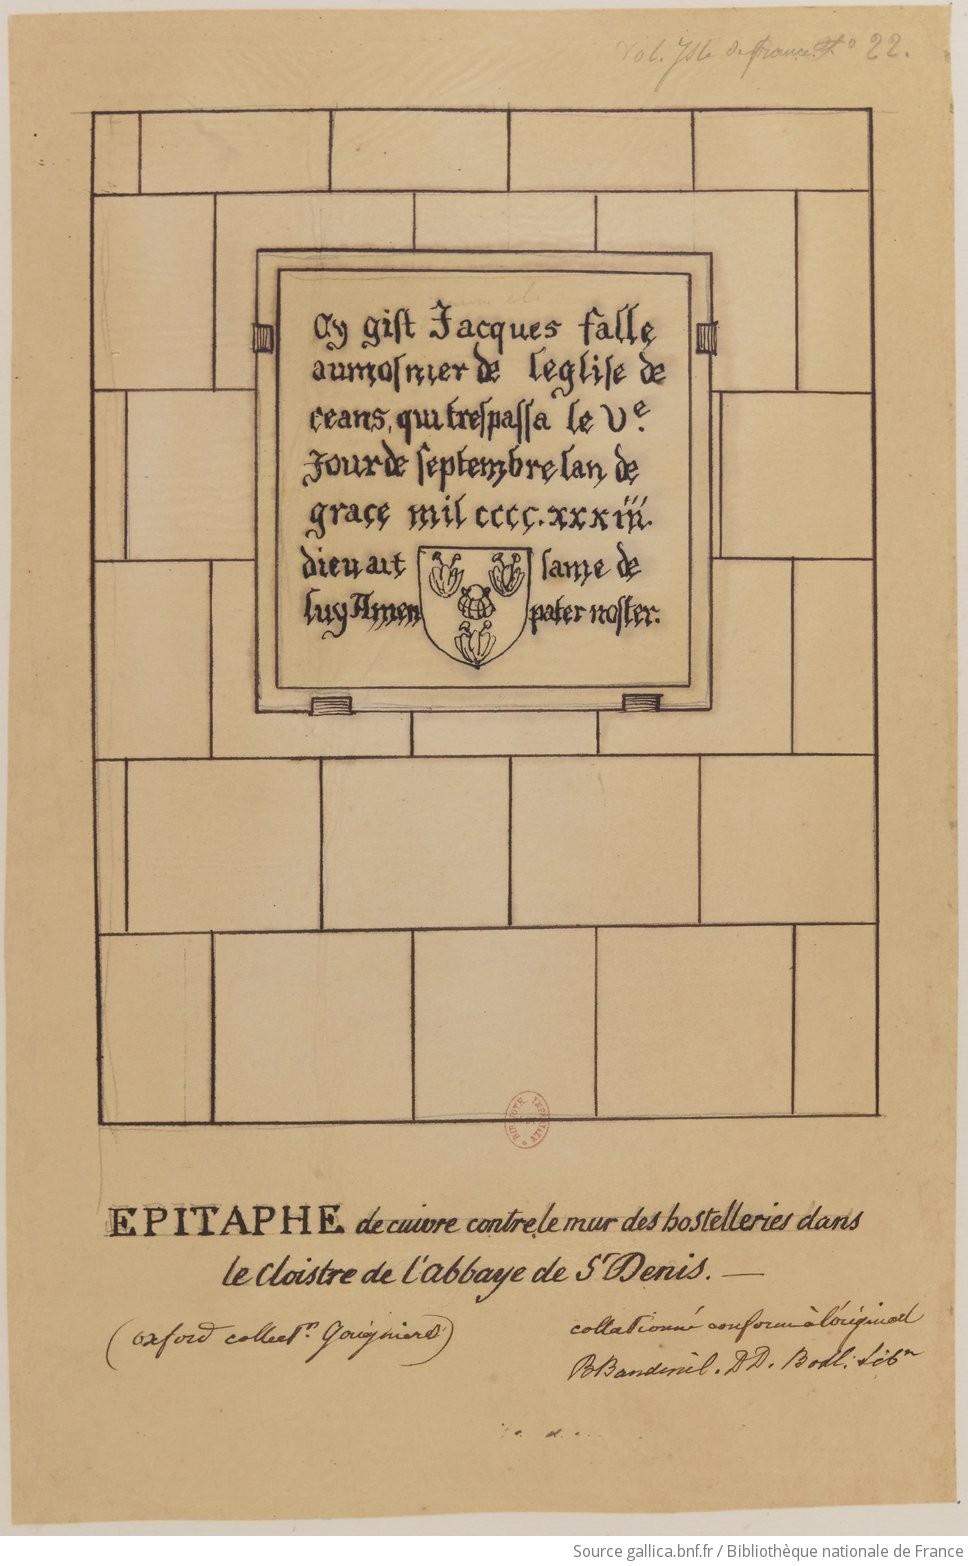 Dessins des épitaphes ornant les murs du cloitre médiéval F1